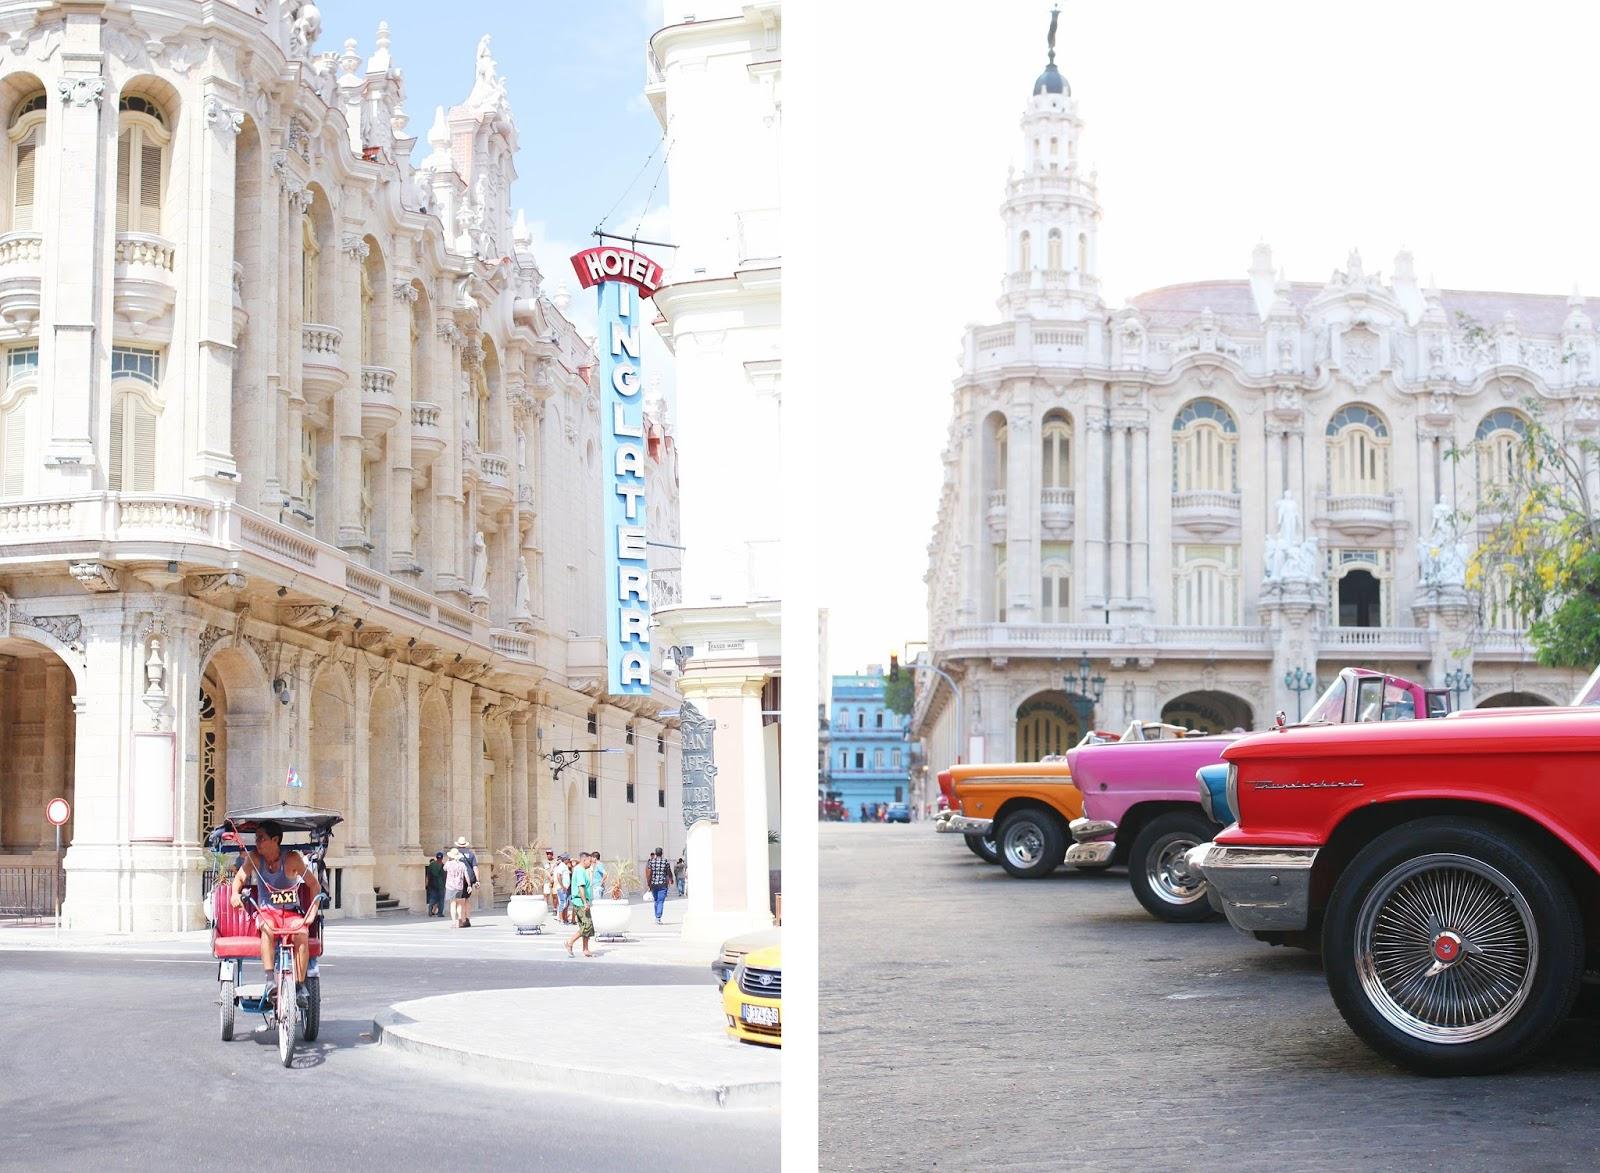 Tuk-tuk devant l'hôtel Inglaterra et voitures américaines sur Parque Central - La Havane